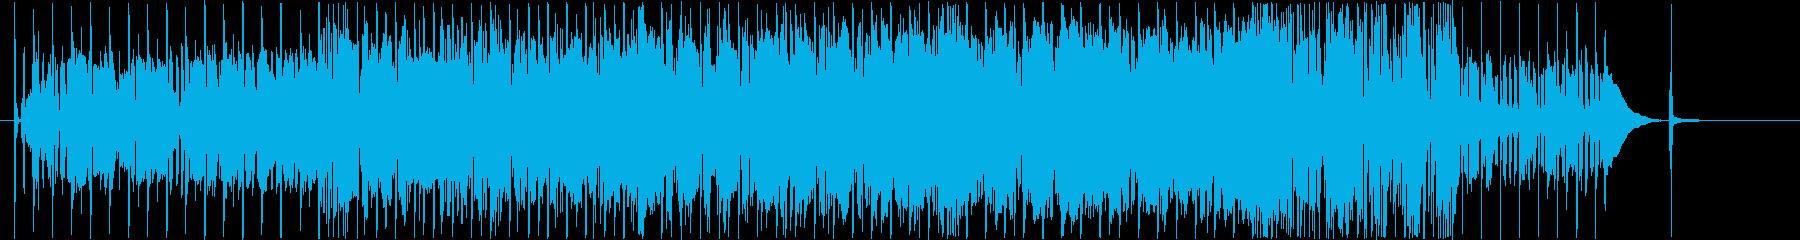 明る暗いエネルギッシュなサウンドの再生済みの波形